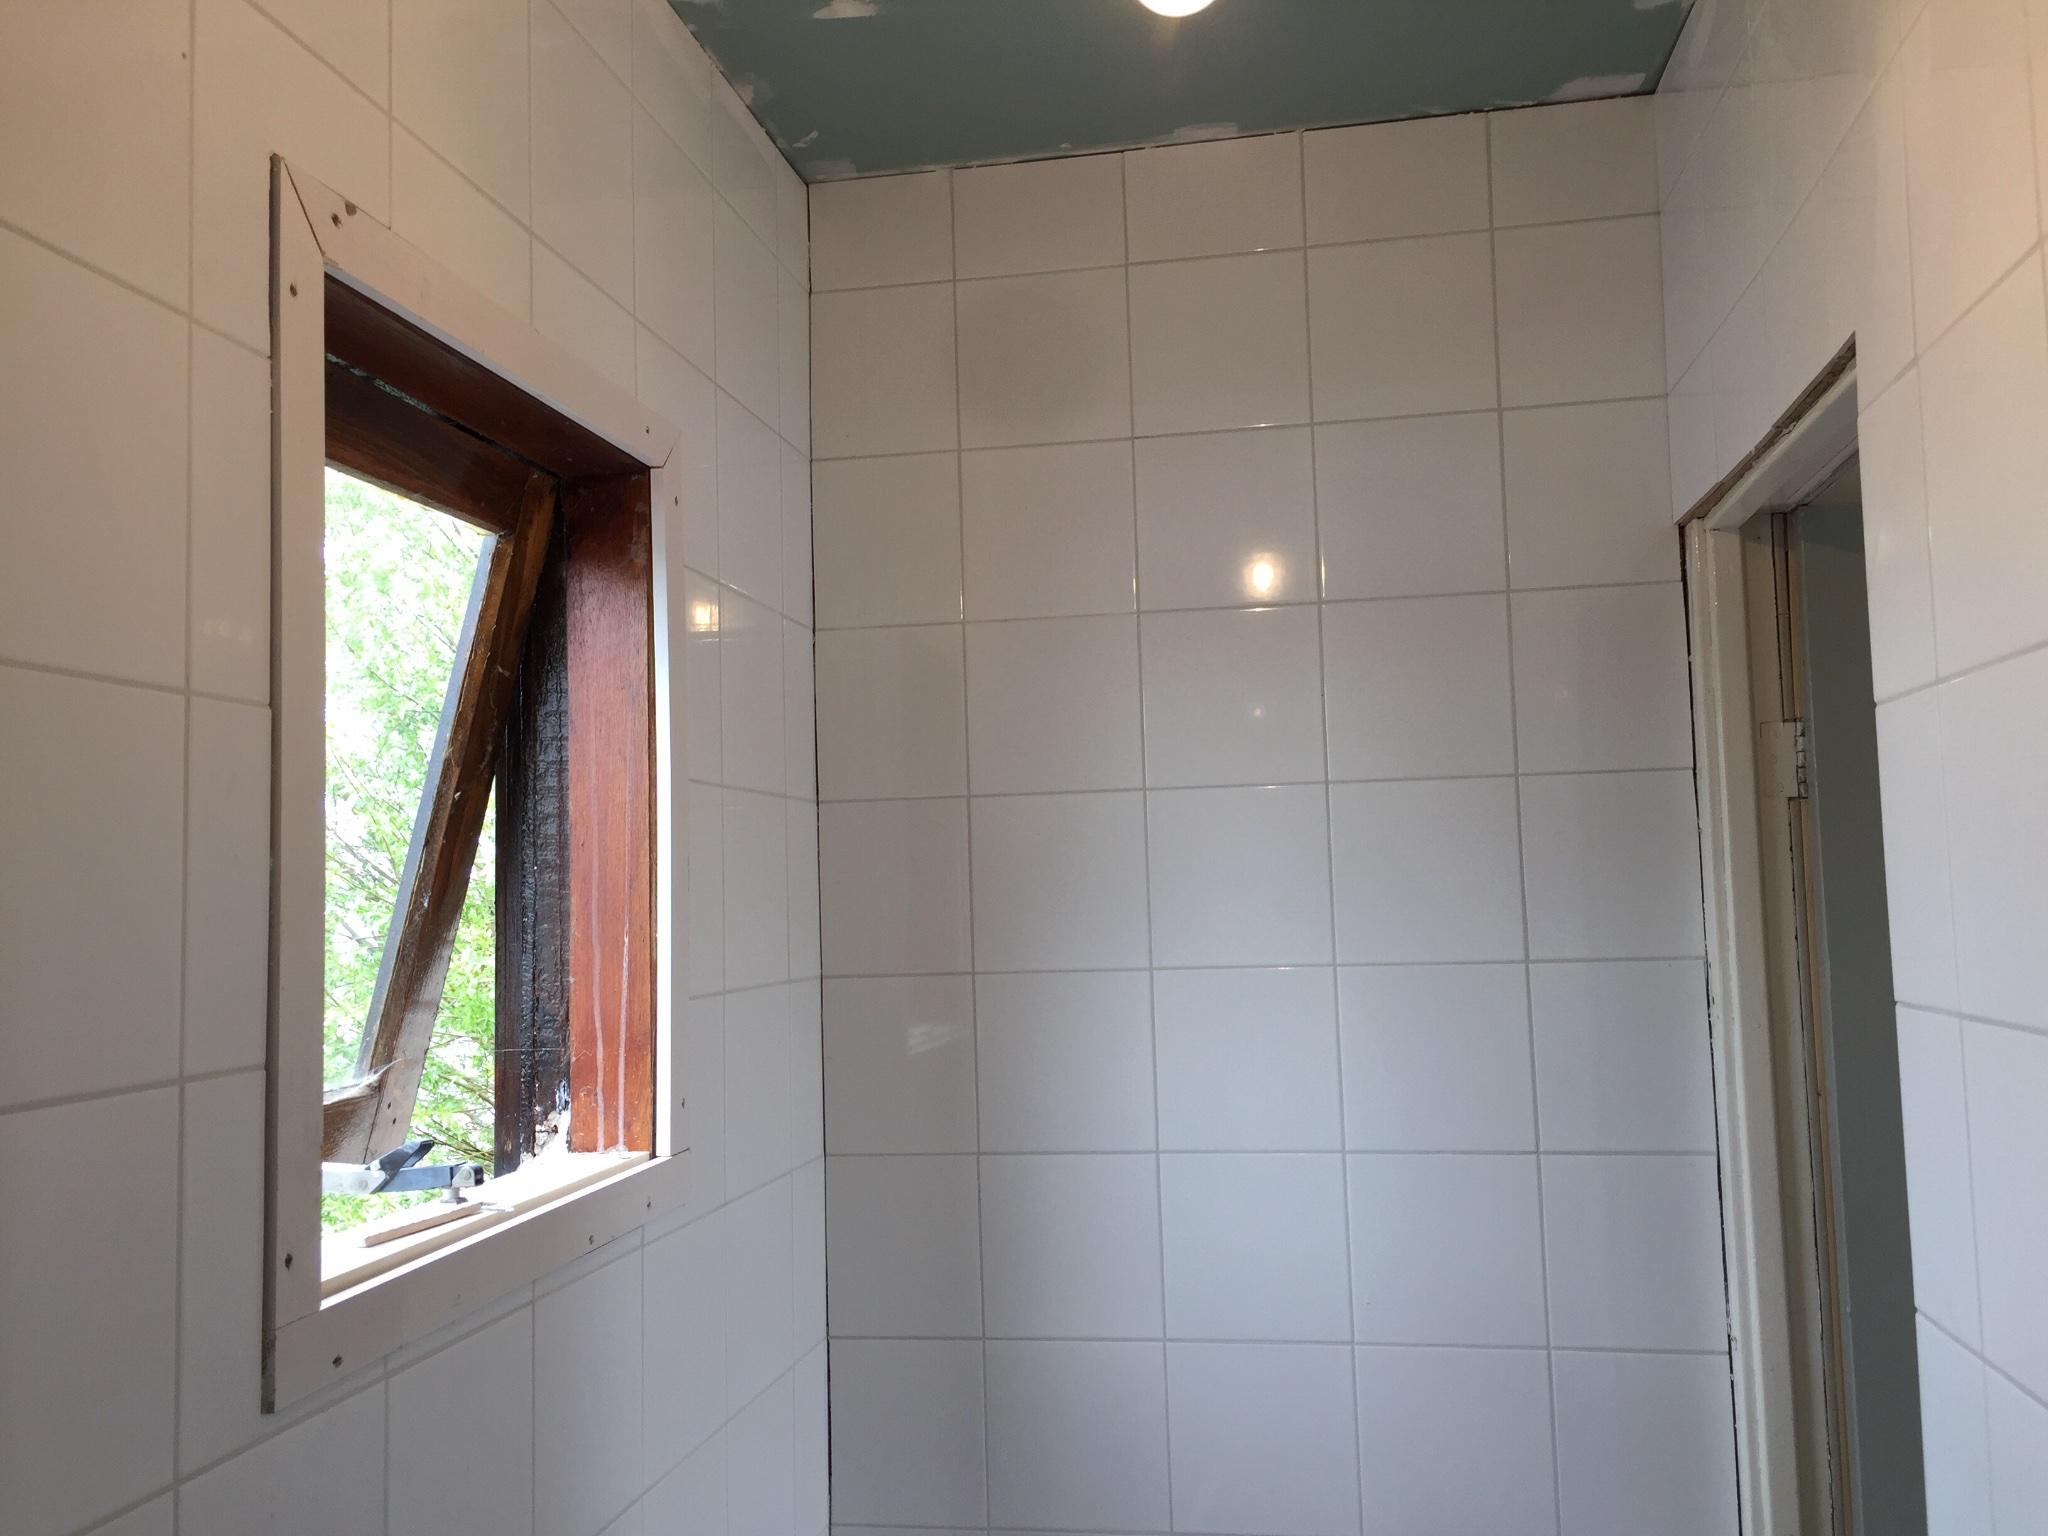 Badkamer Zelf Tegelen : Badkamer muren tegelen m werkspot